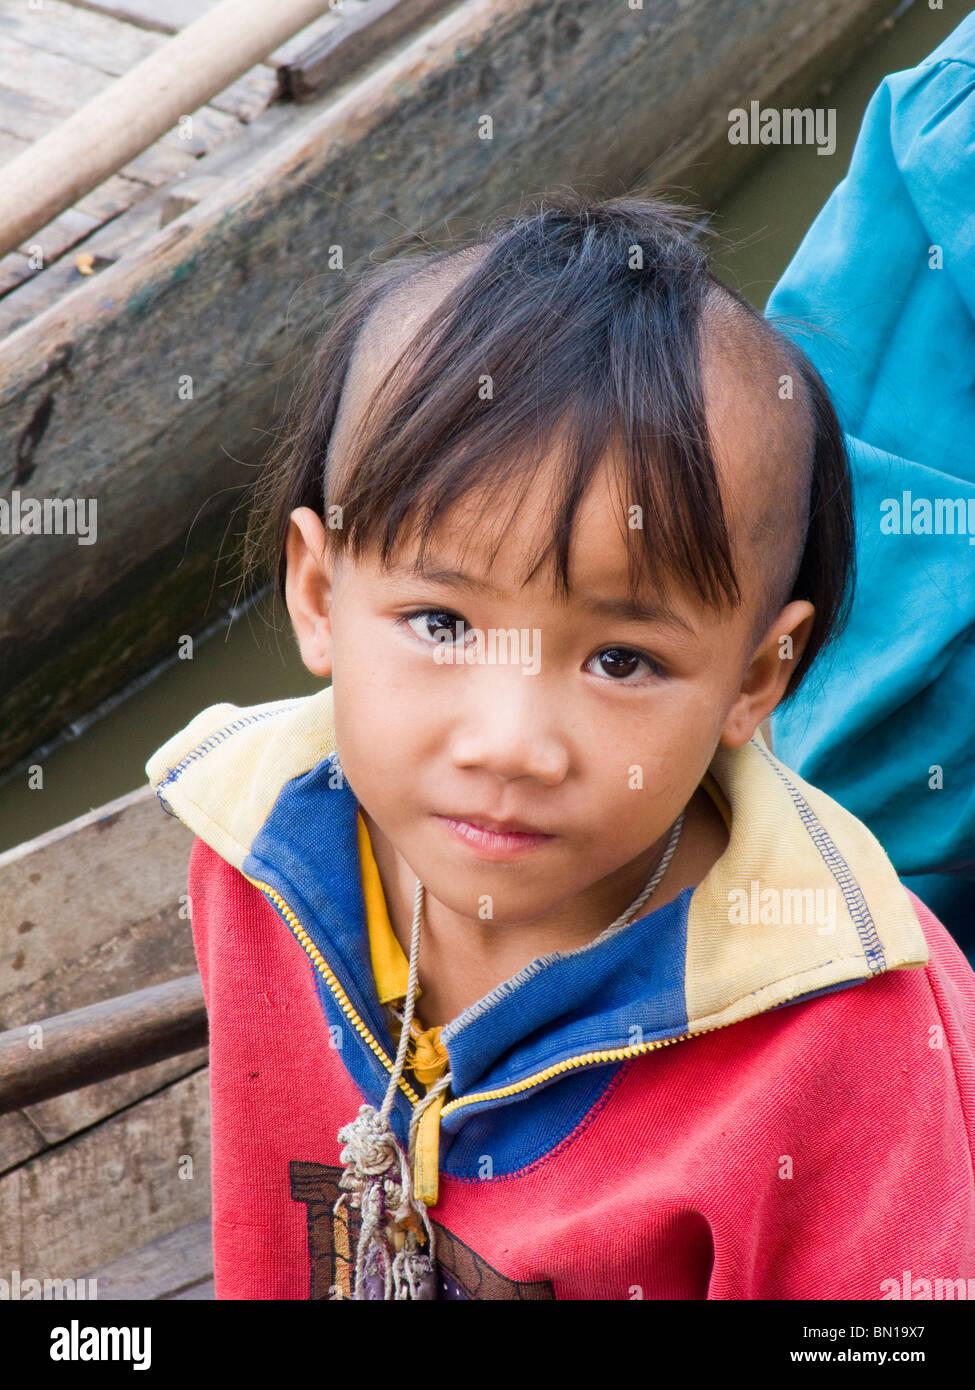 Ragazzo con parzialmente testa rasata, Chong Khneas villaggio galleggiante, Lago Tonle Sap, Siam Reap, Cambogia Immagini Stock